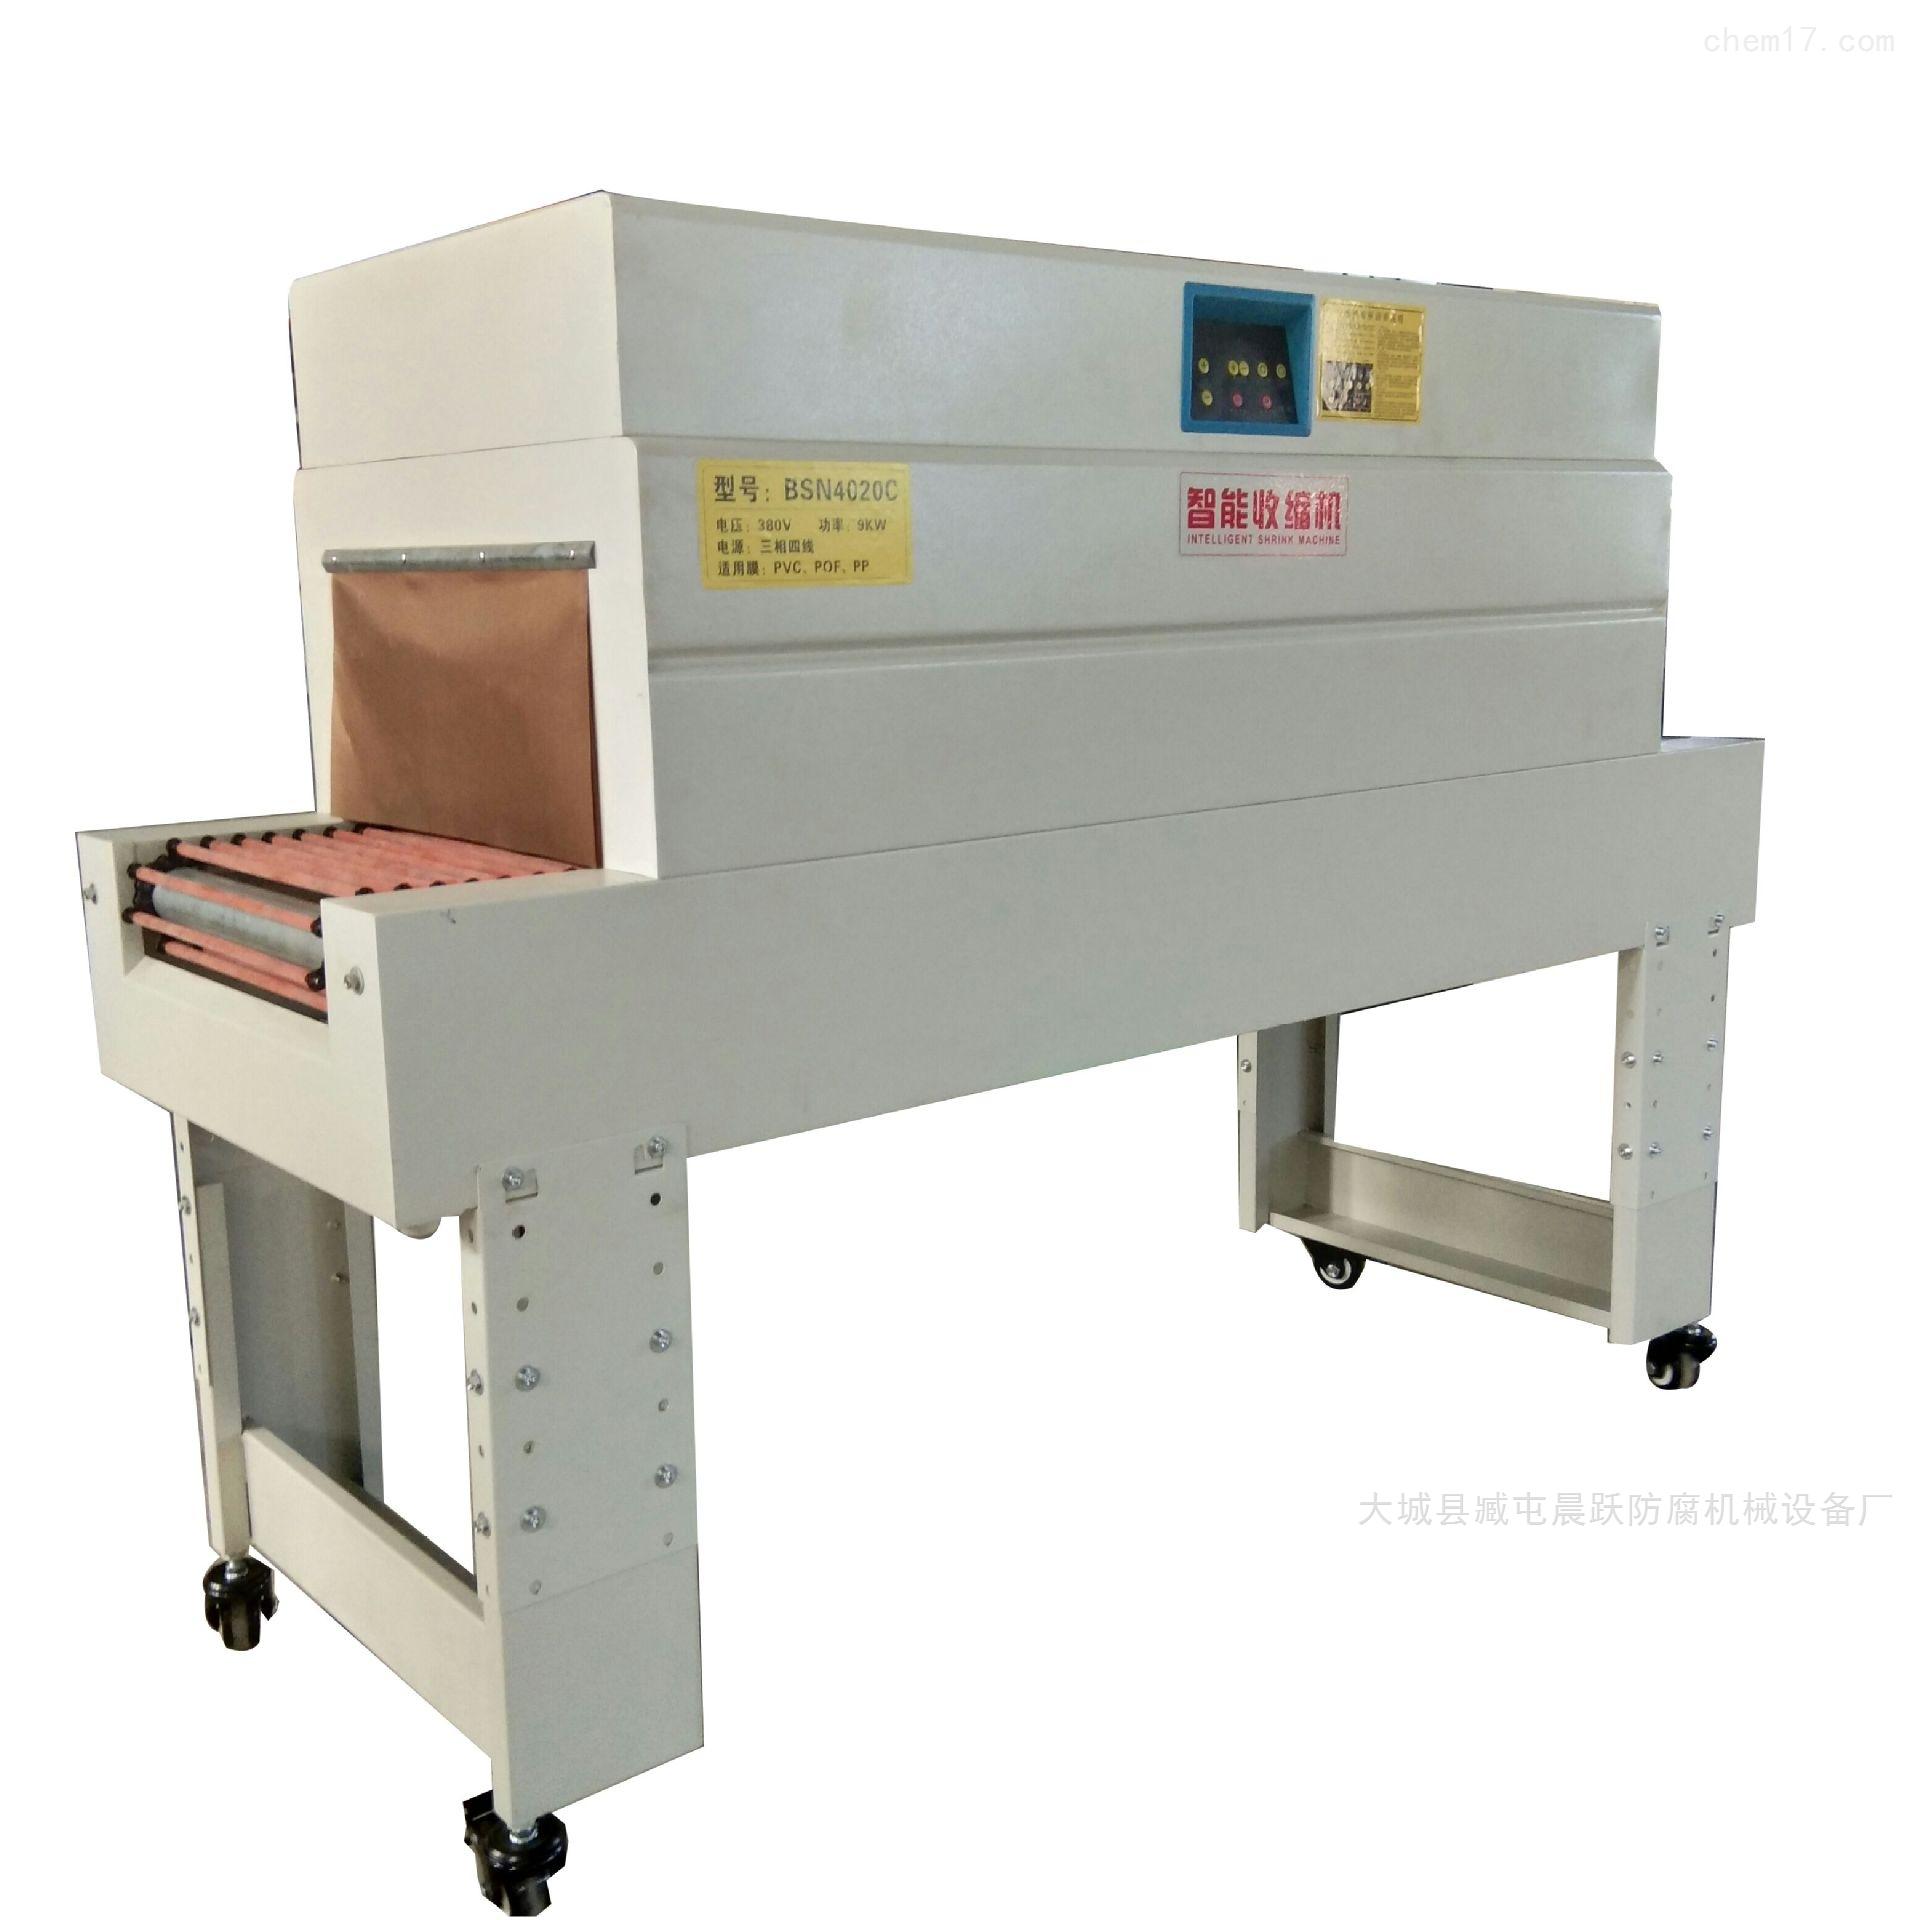 多功能收纳盒小型热收缩膜全封包装机